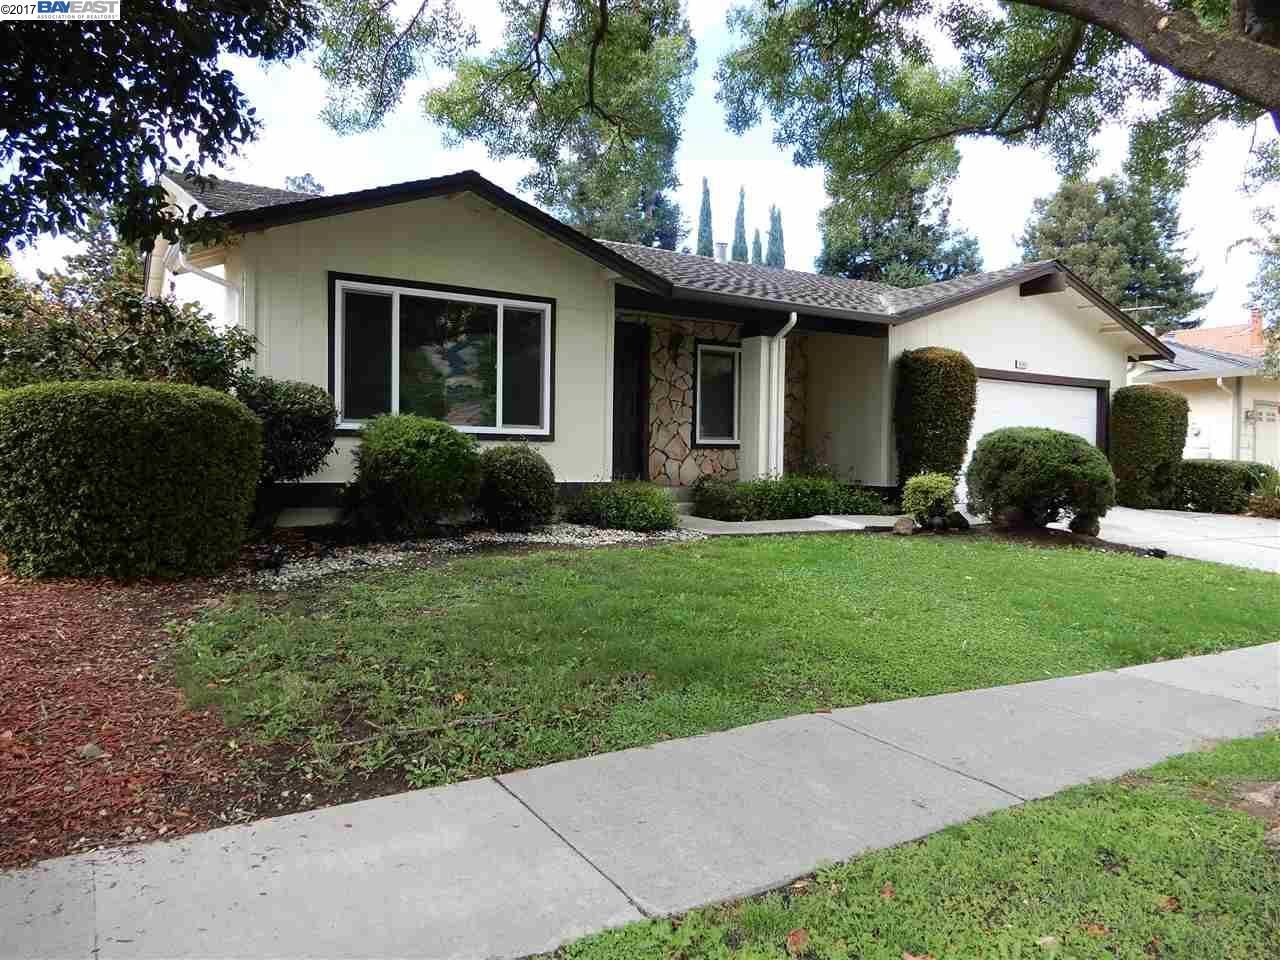 獨棟家庭住宅 為 出租 在 45405 Potawatami Drive Fremont, 加利福尼亞州 94539 美國